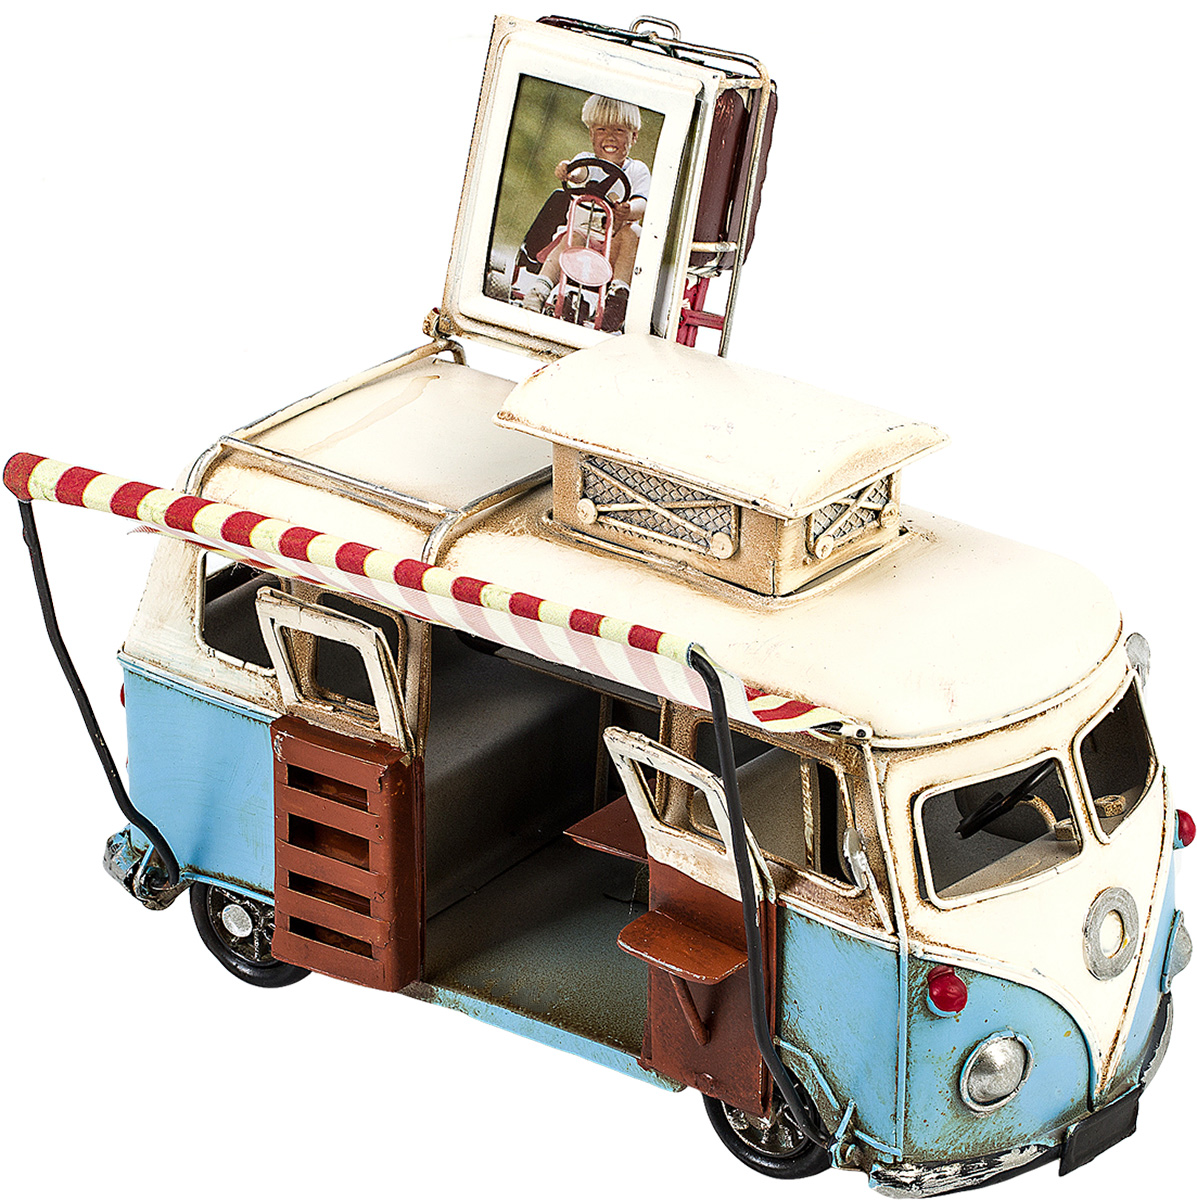 Модель Platinum Автобус, с фоторамкой. 1404E-43521404E-4338Модель Platinum Автобус, выполненная из металла, станет оригинальным украшением вашего интерьера. Вы можете поставить модель автобуса в любом месте, где она будет удачно смотреться.Изделие дополнено фоторамкой, куда вы можете вставить вашу любимую фотографию.Качество исполнения, точные детали и оригинальный дизайн выделяют эту модель среди ряда подобных. Модель займет достойное место в вашей коллекции, а также приятно удивит получателя в качестве стильного сувенира.